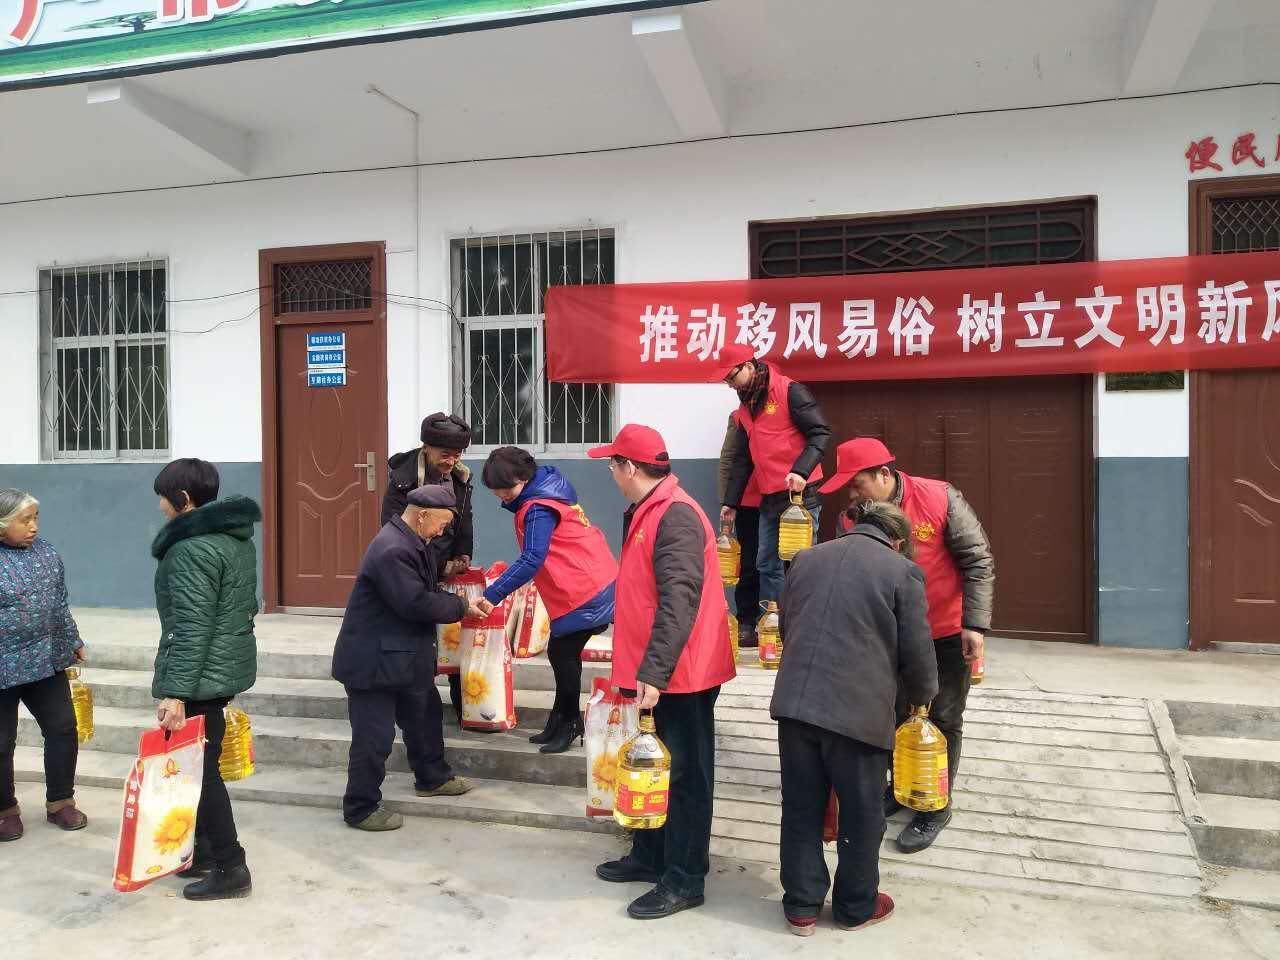 嵩县审计局深入帮扶村开展扶贫慰问送温暖活动